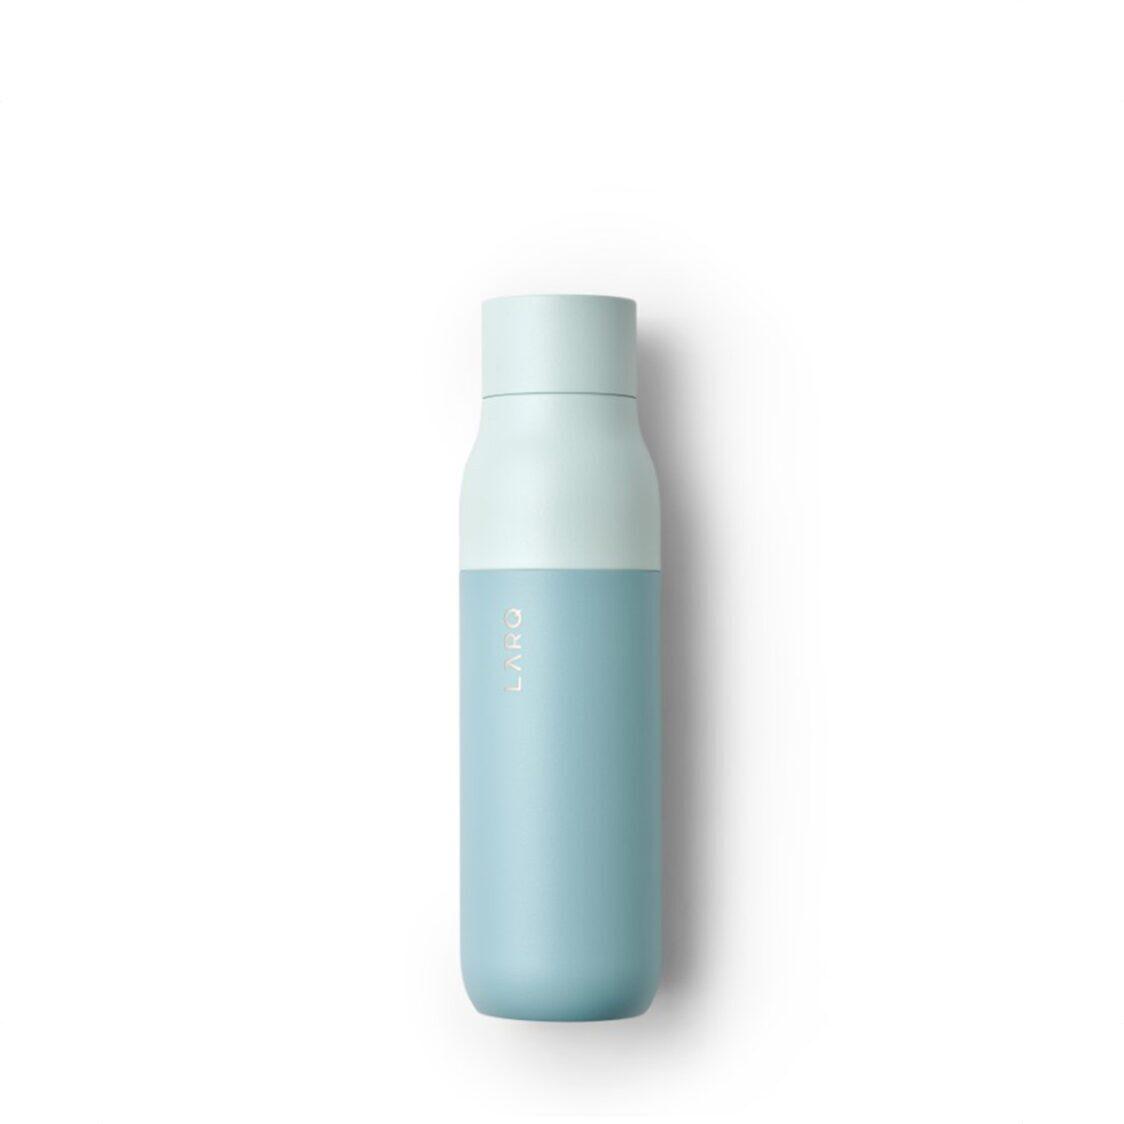 Larq Self - Cleaning Bottle 500ml Seaside Mint